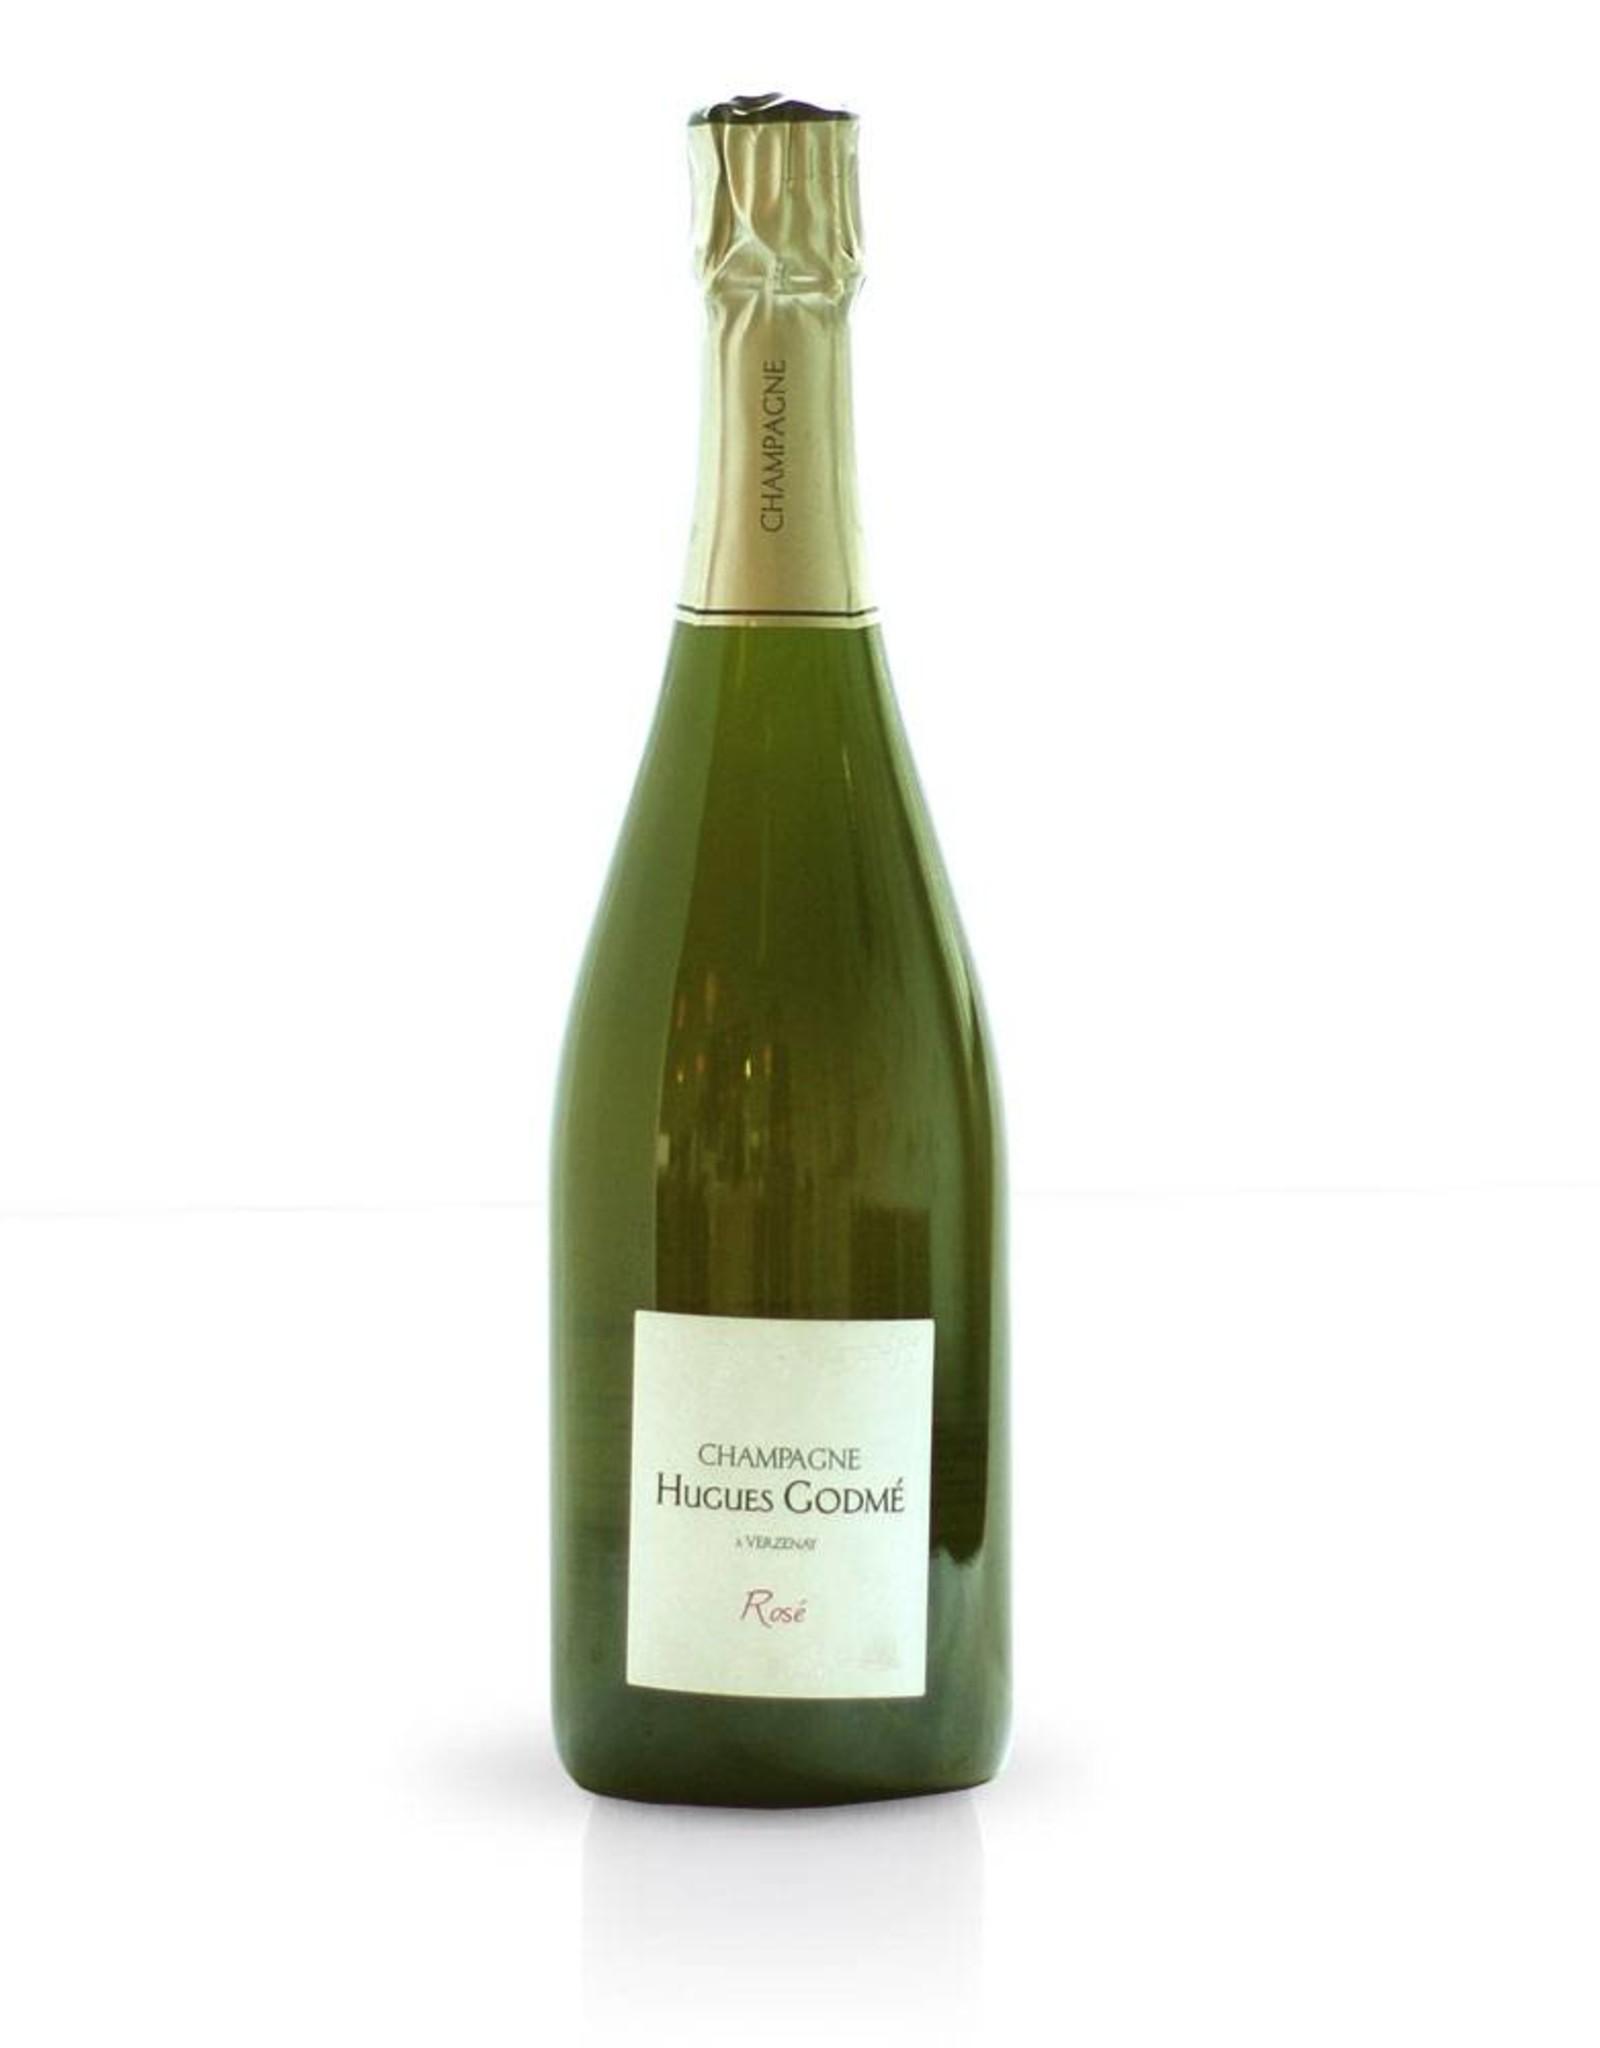 Hugues Godmé Champagne Brut Rosé